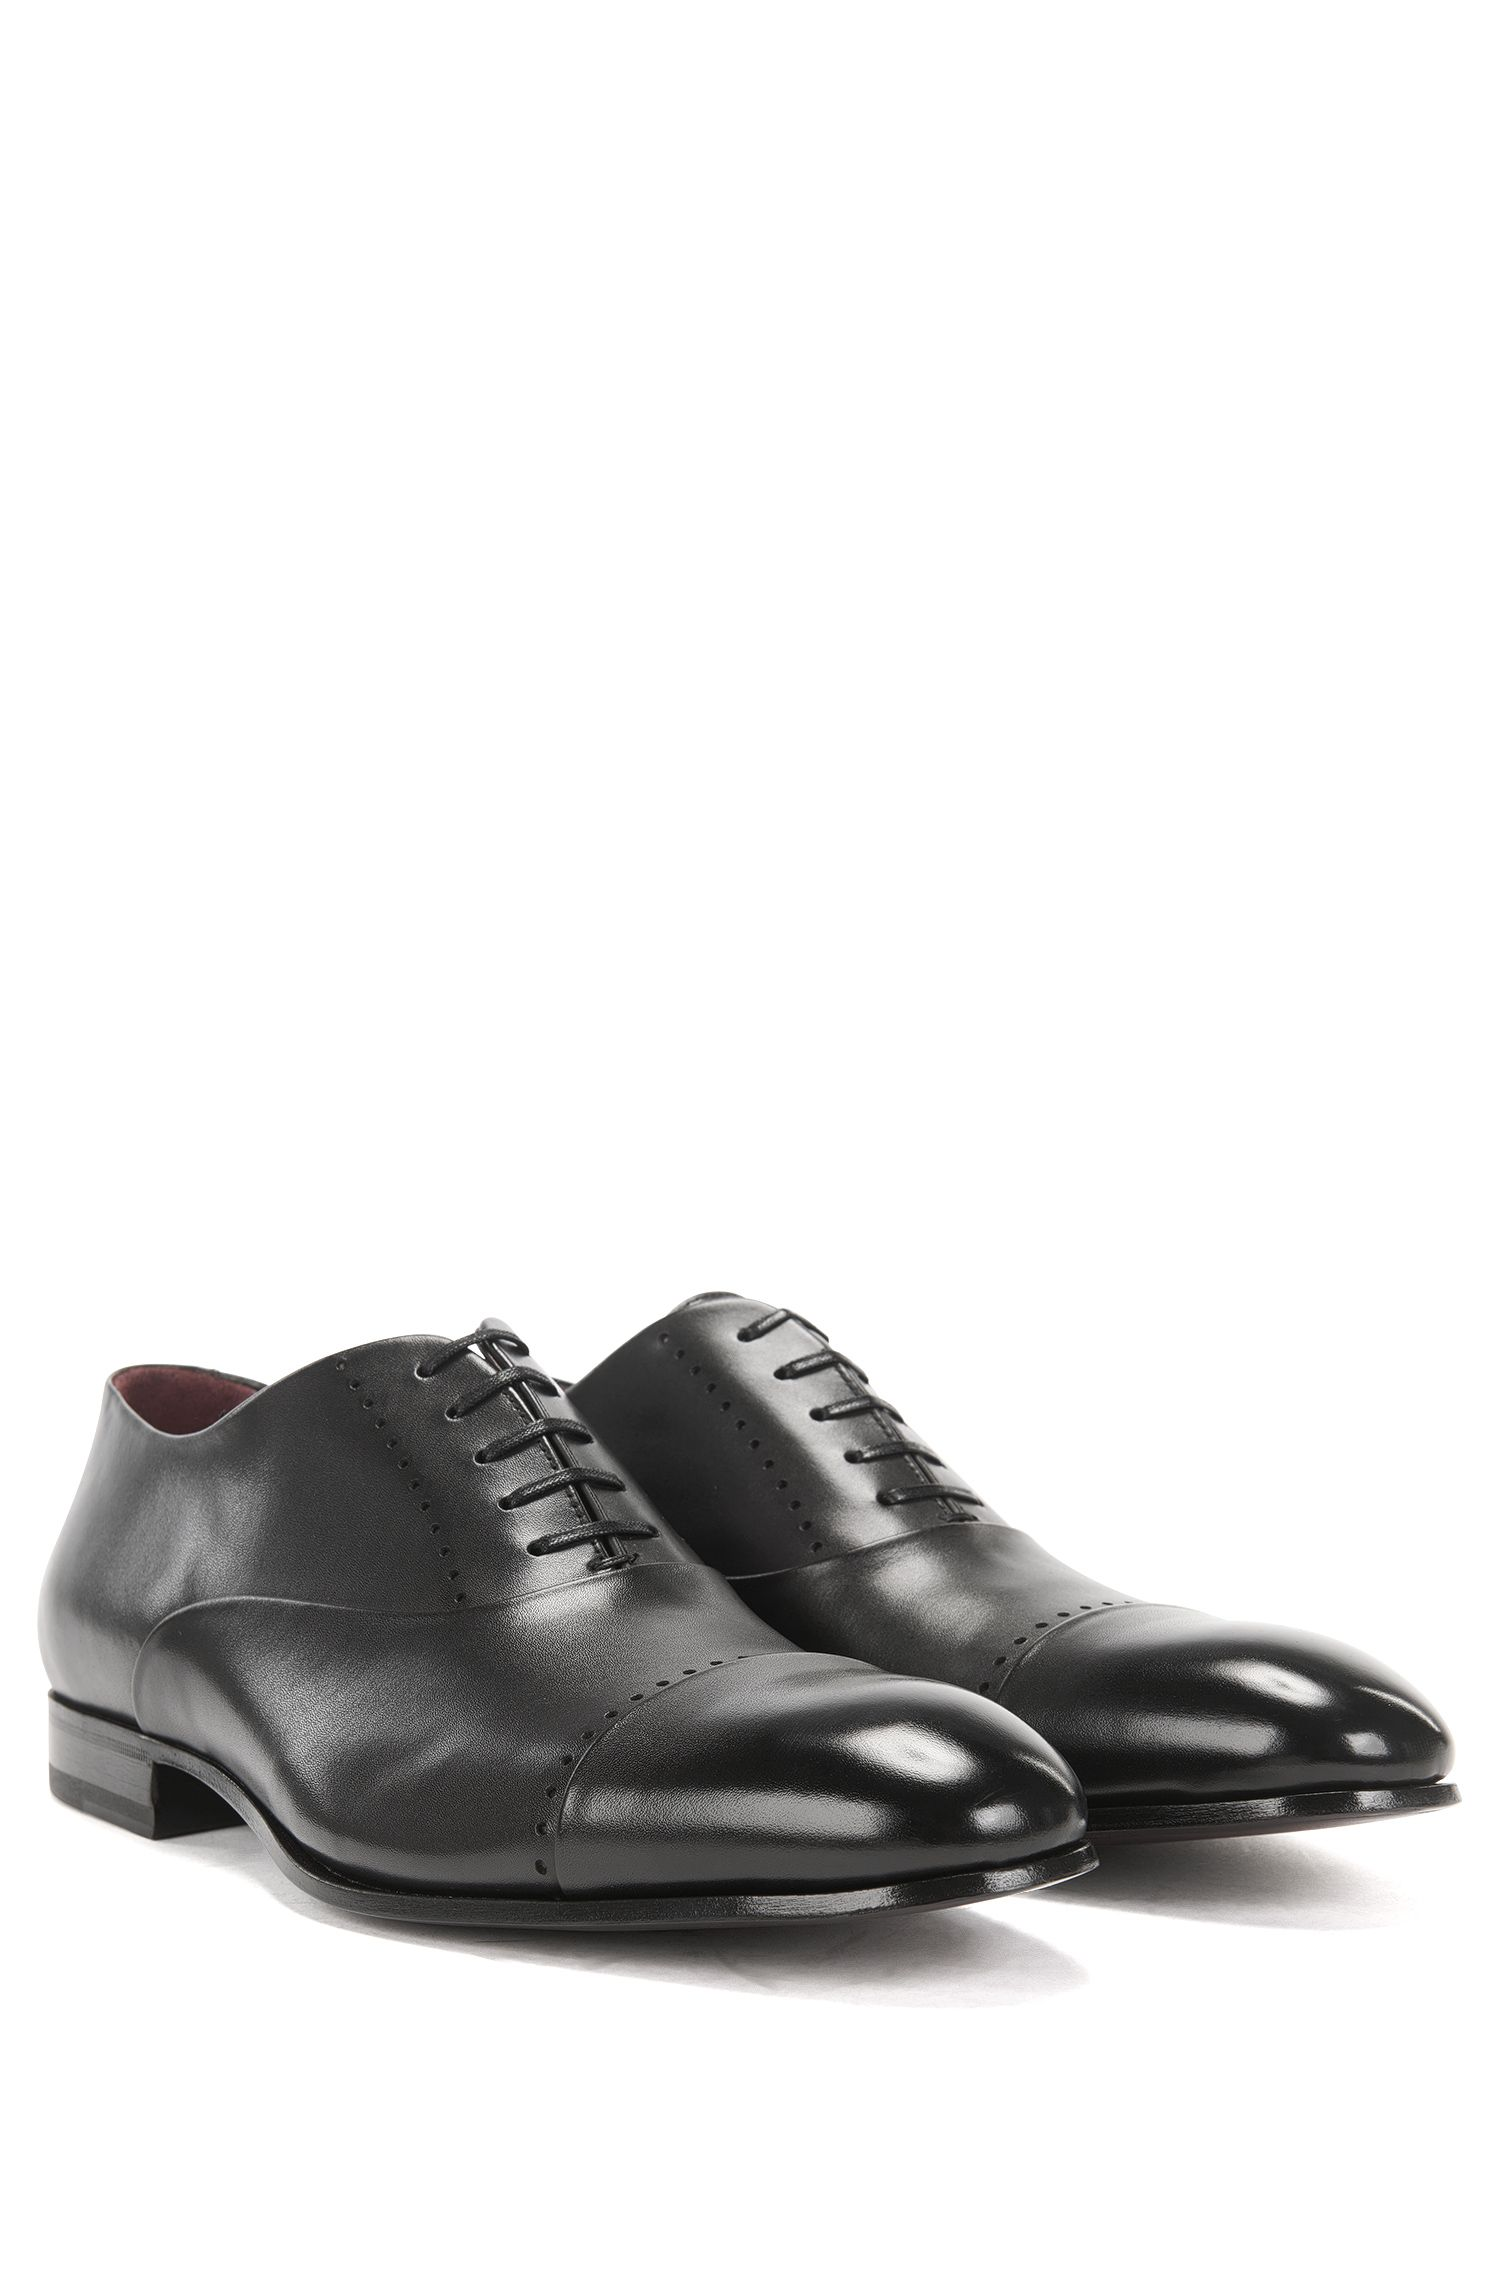 Chaussures Oxford en cuir à bout perforé